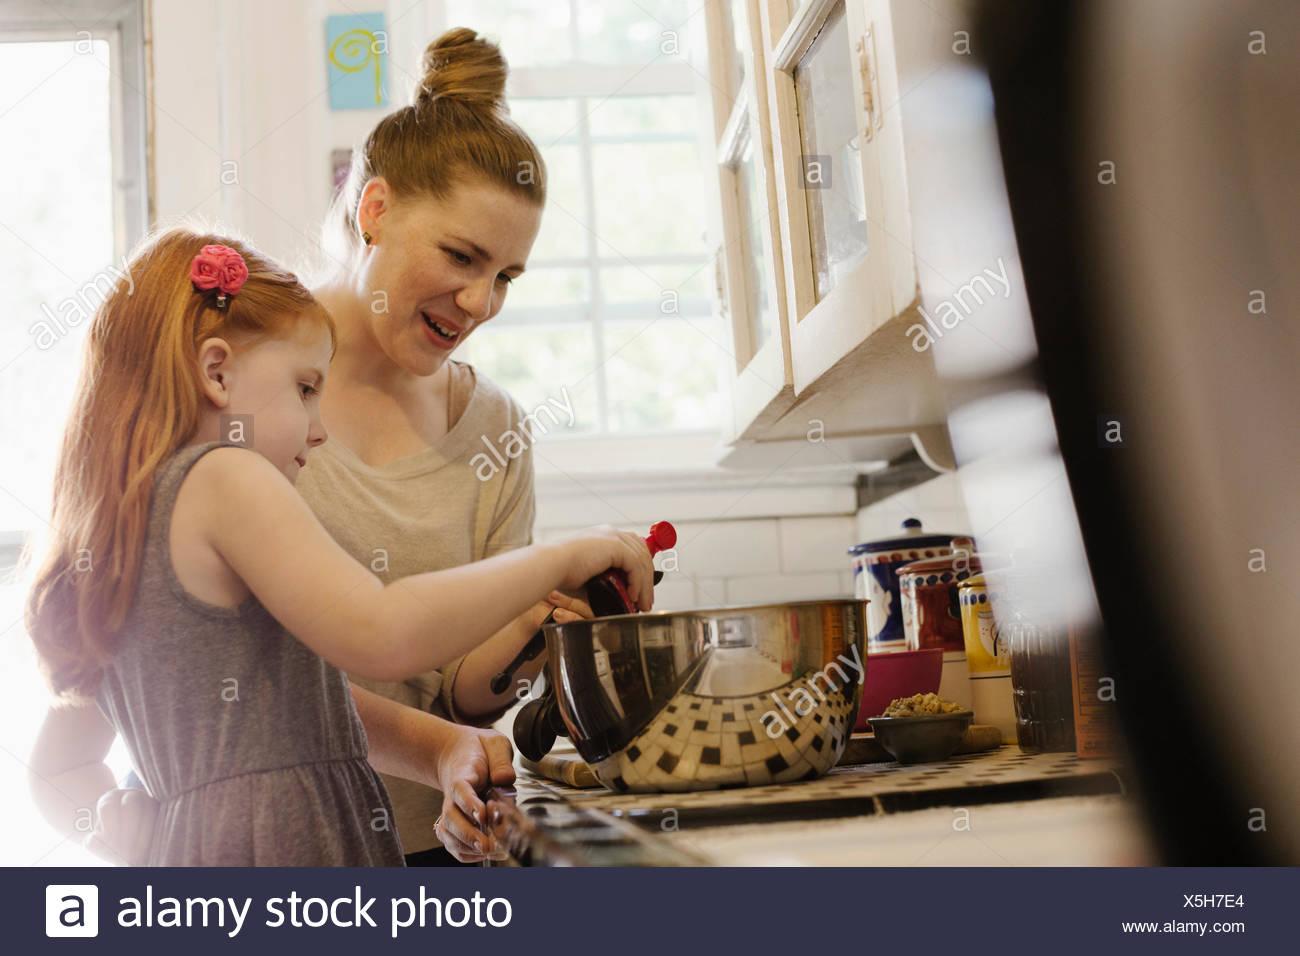 Hija de madre adulta media dando una mano en la cocina Imagen De Stock